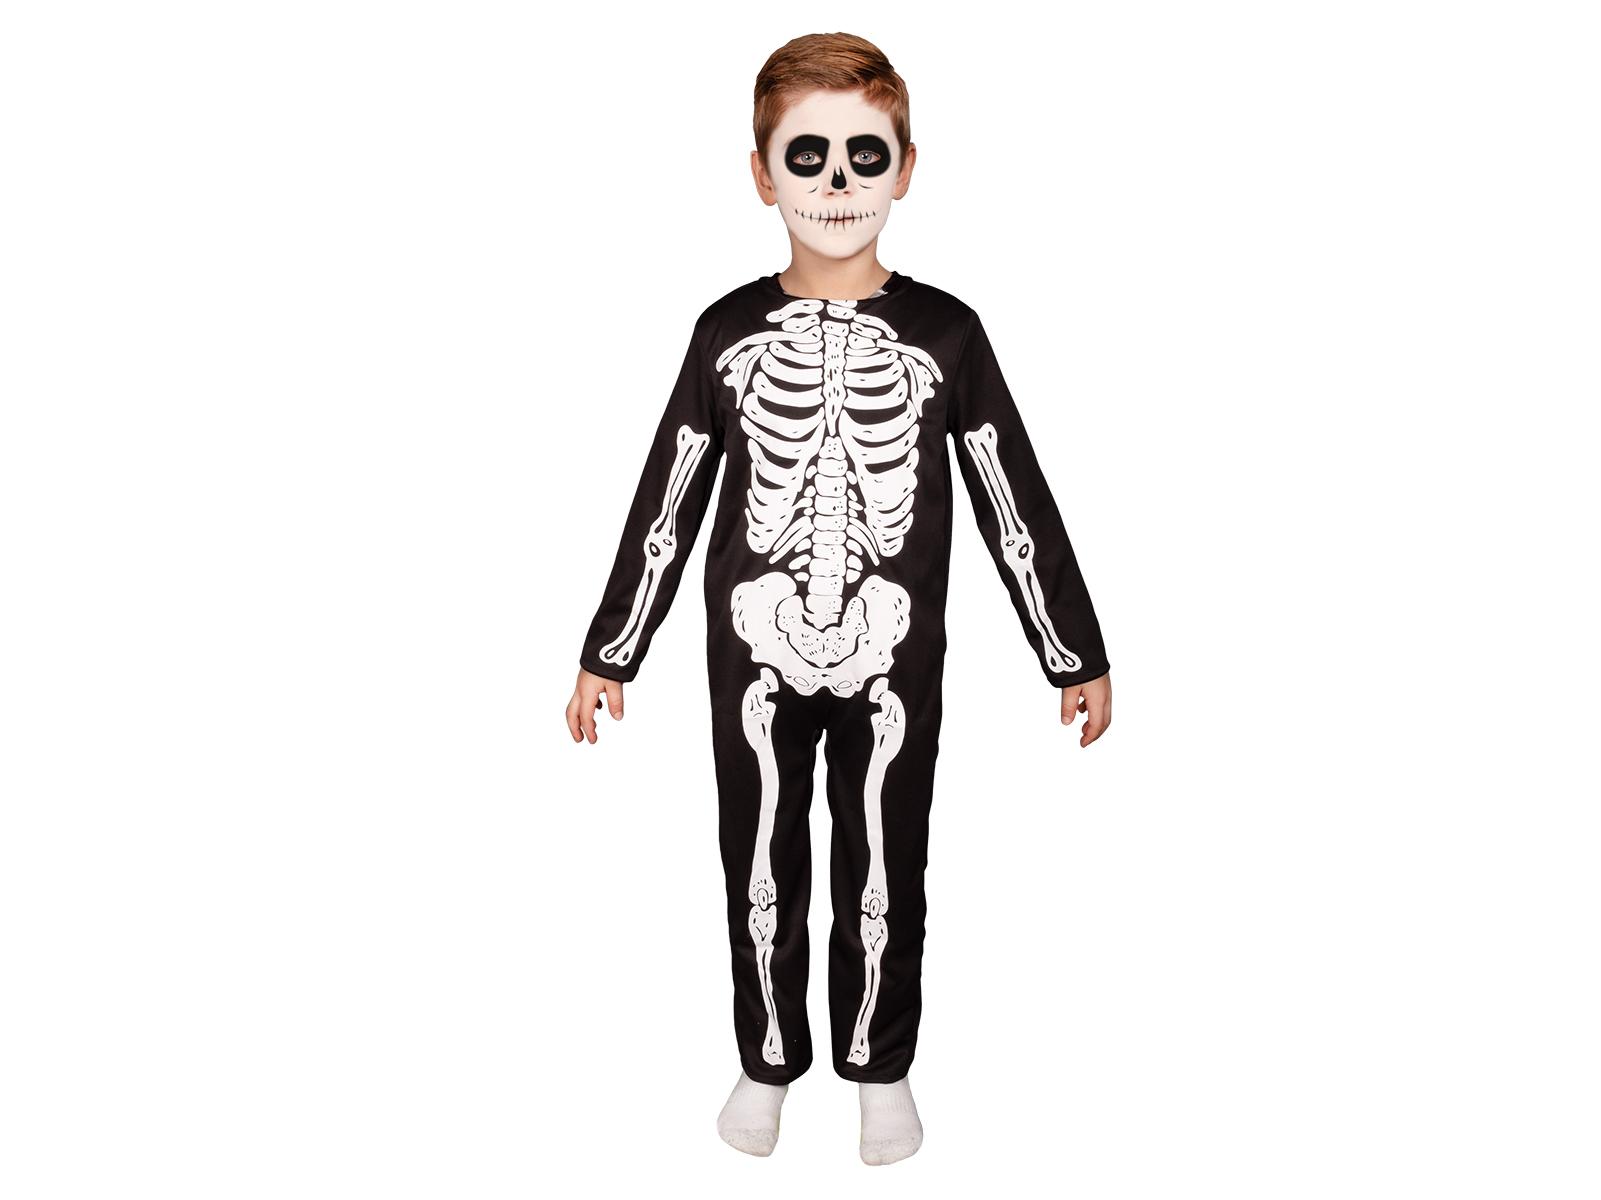 Kinder Kostüm Overall Skelett